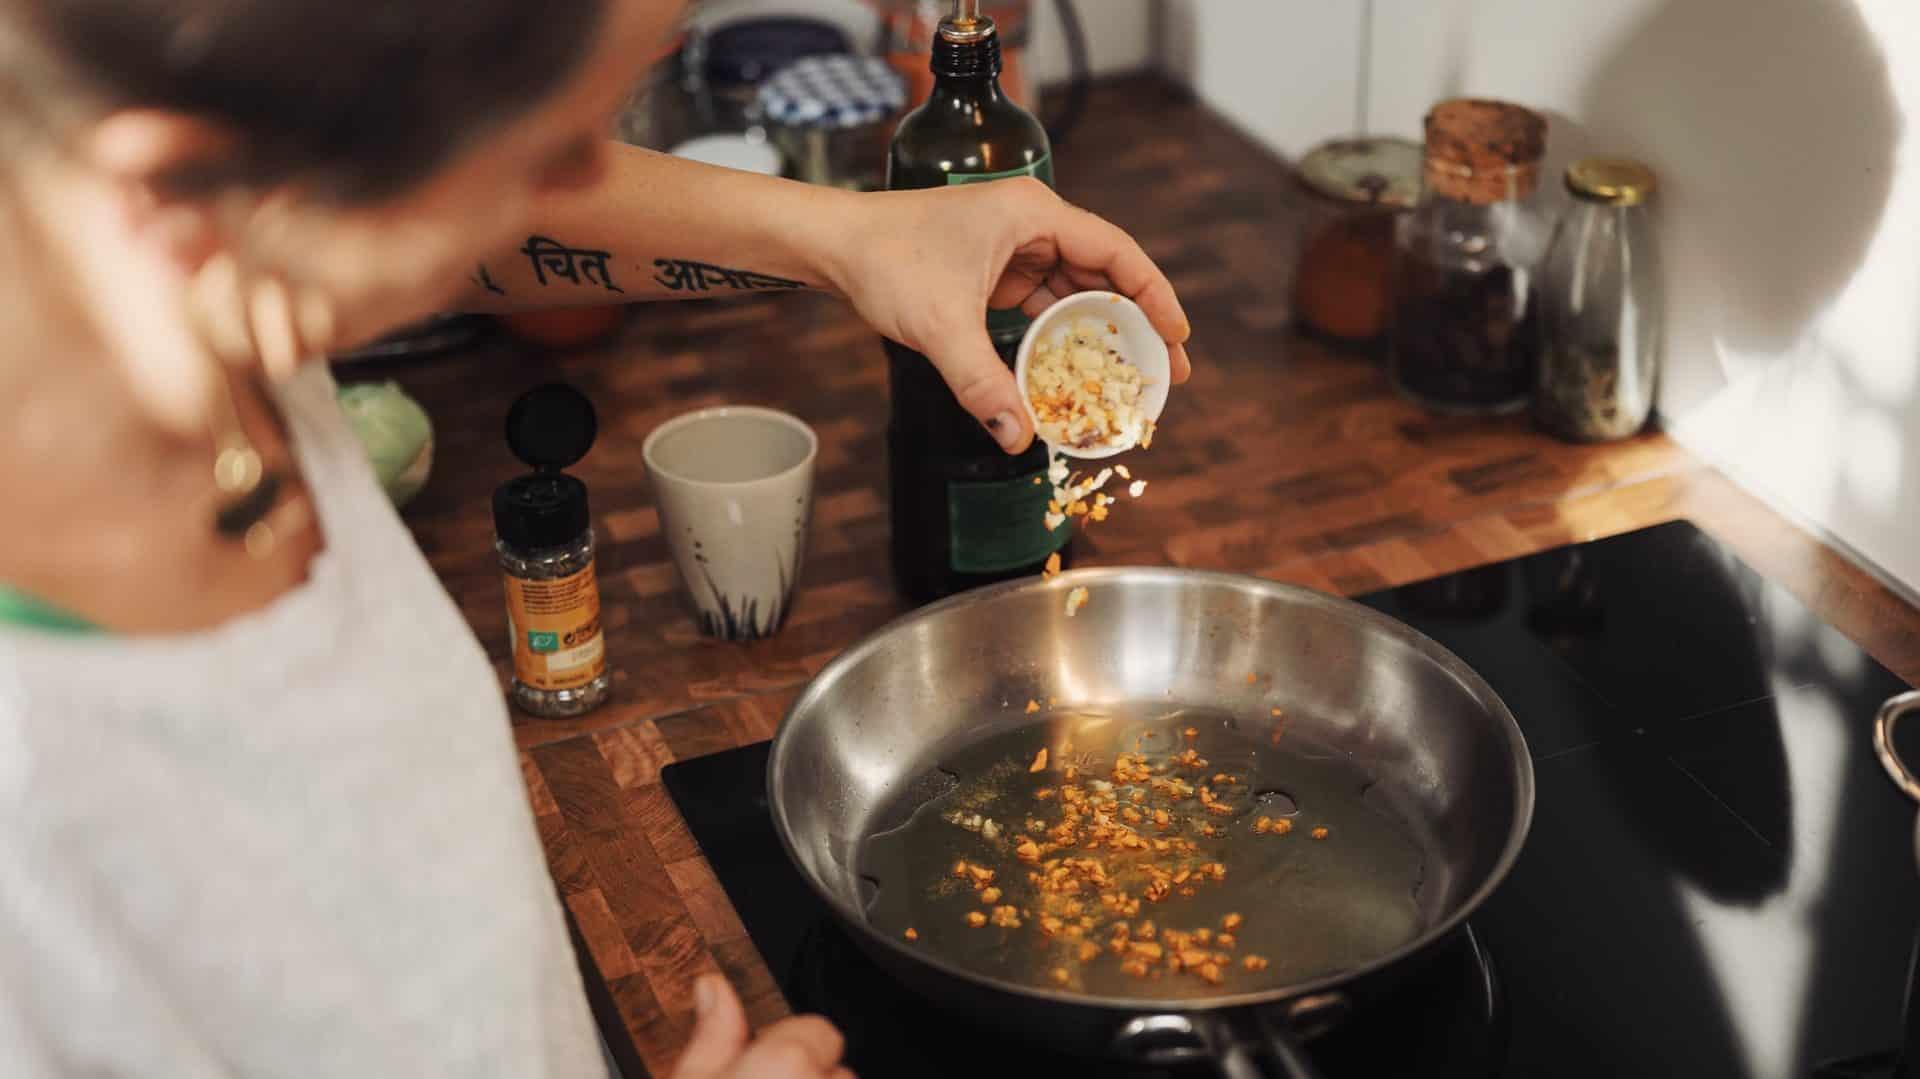 Koekenpan op inductie kookplaat